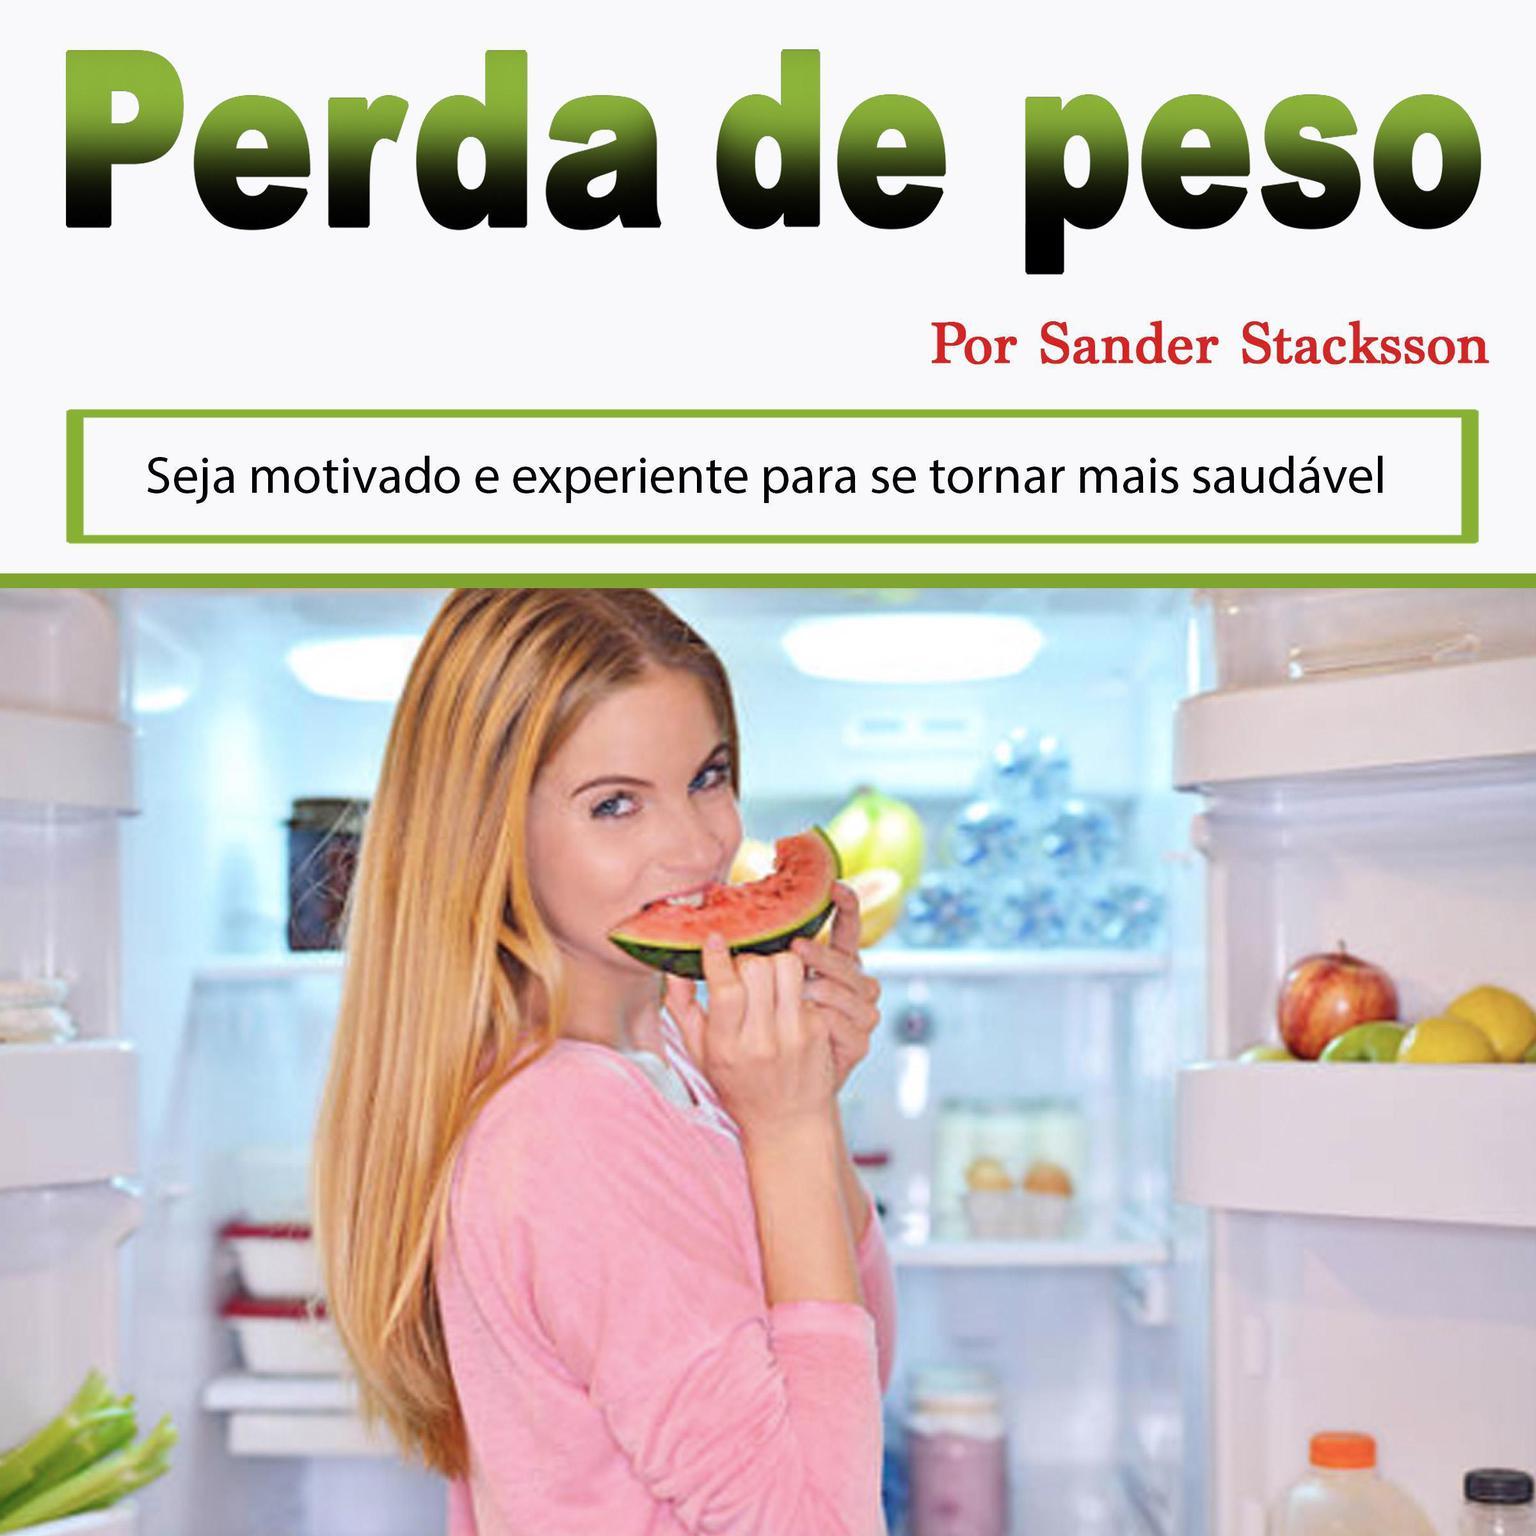 Perda de peso: Seja motivado e experiente para se tornar mais saudável (Portuguese Edition) Audiobook, by Sander Stacksson